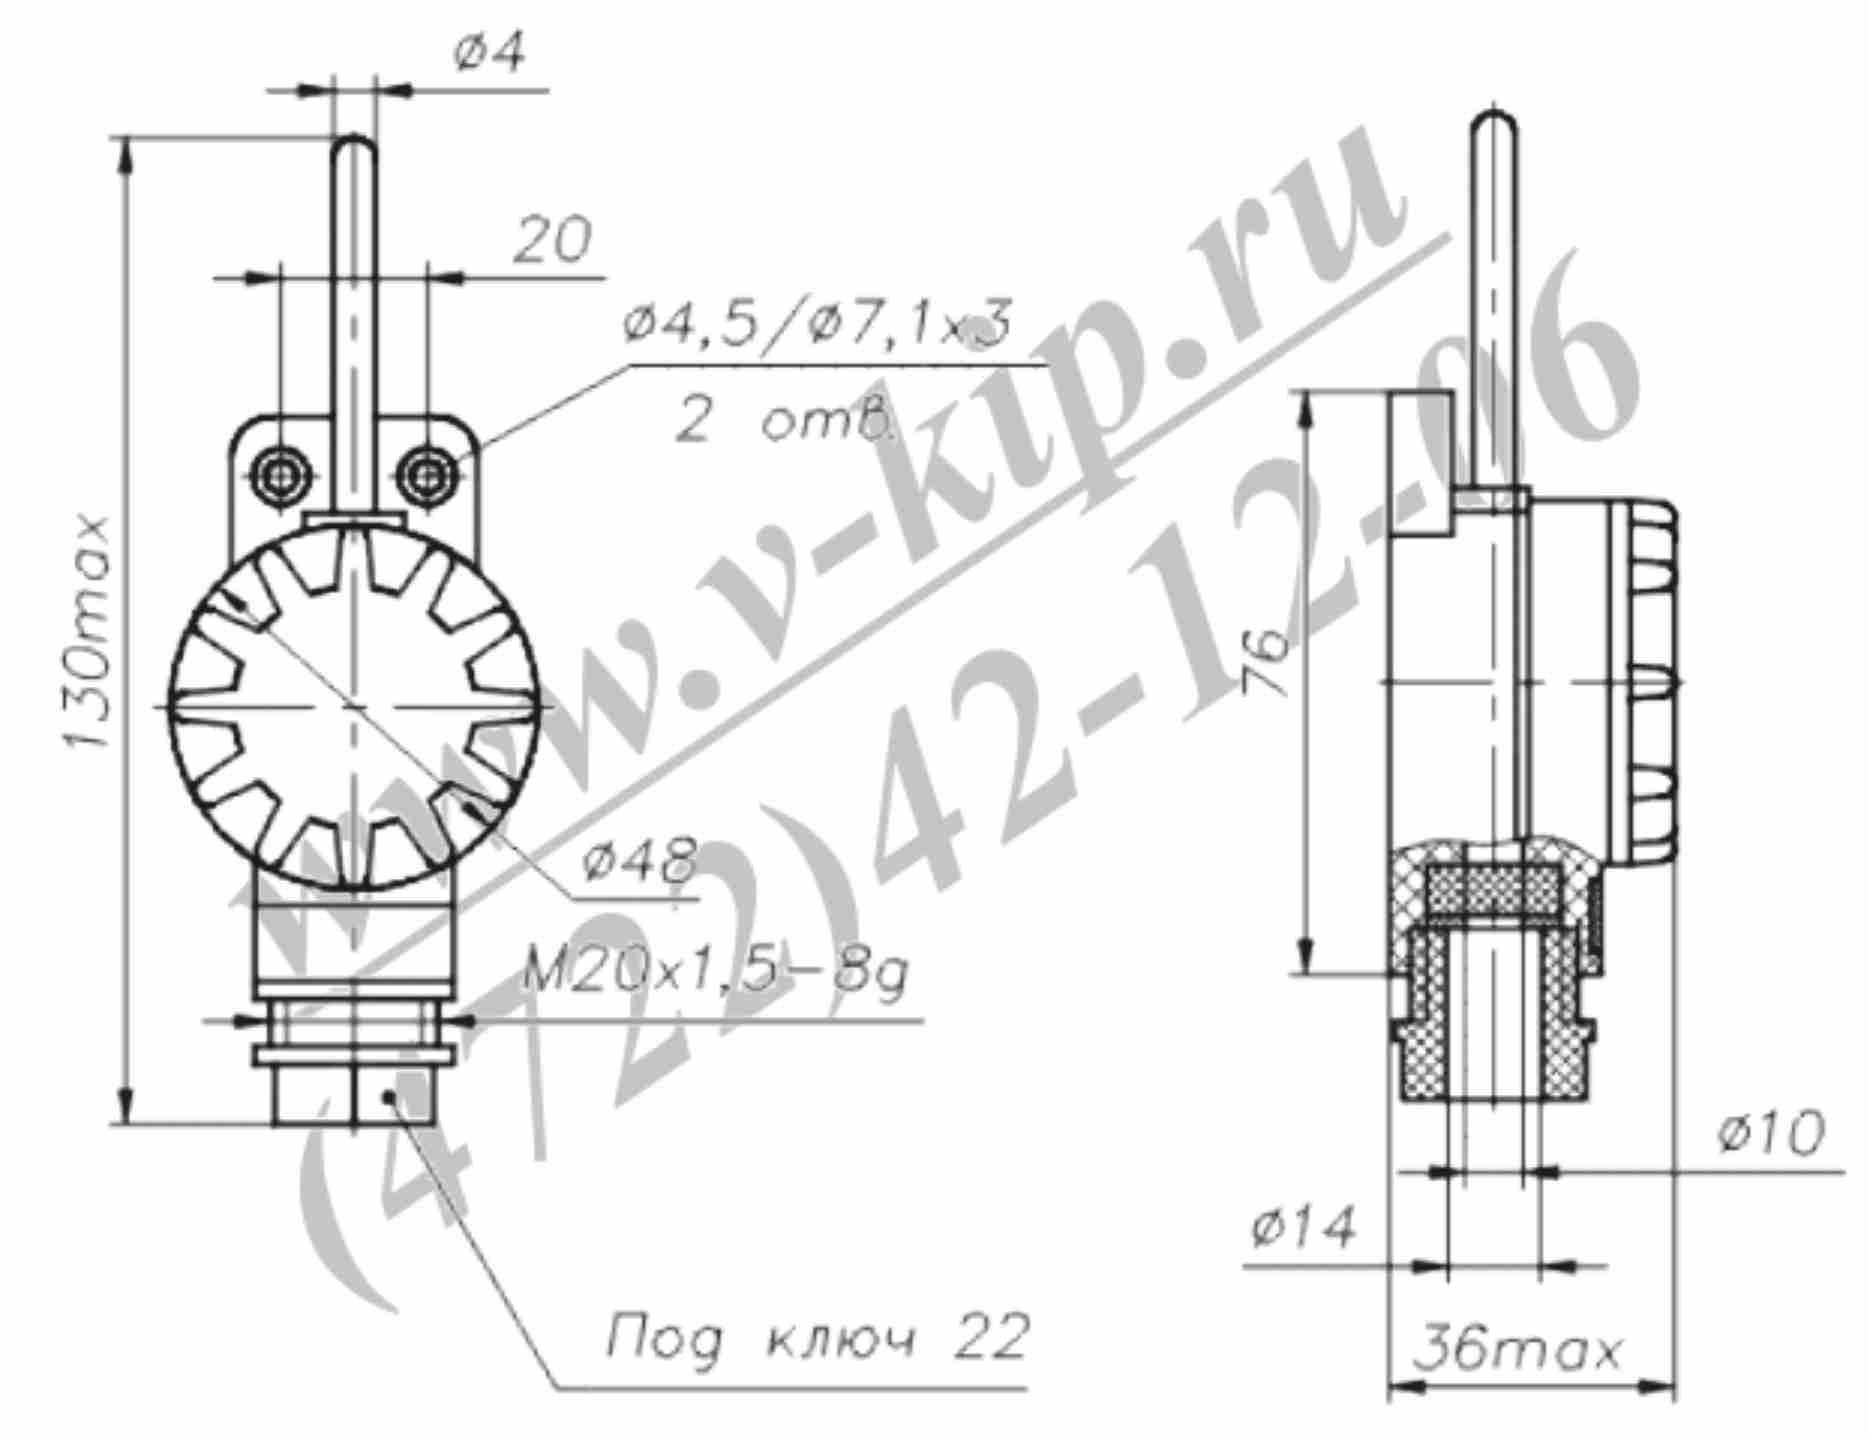 Габаритный чертеж термопреобразователей сопротивления ТСП-1290В, ТСМ-1290В